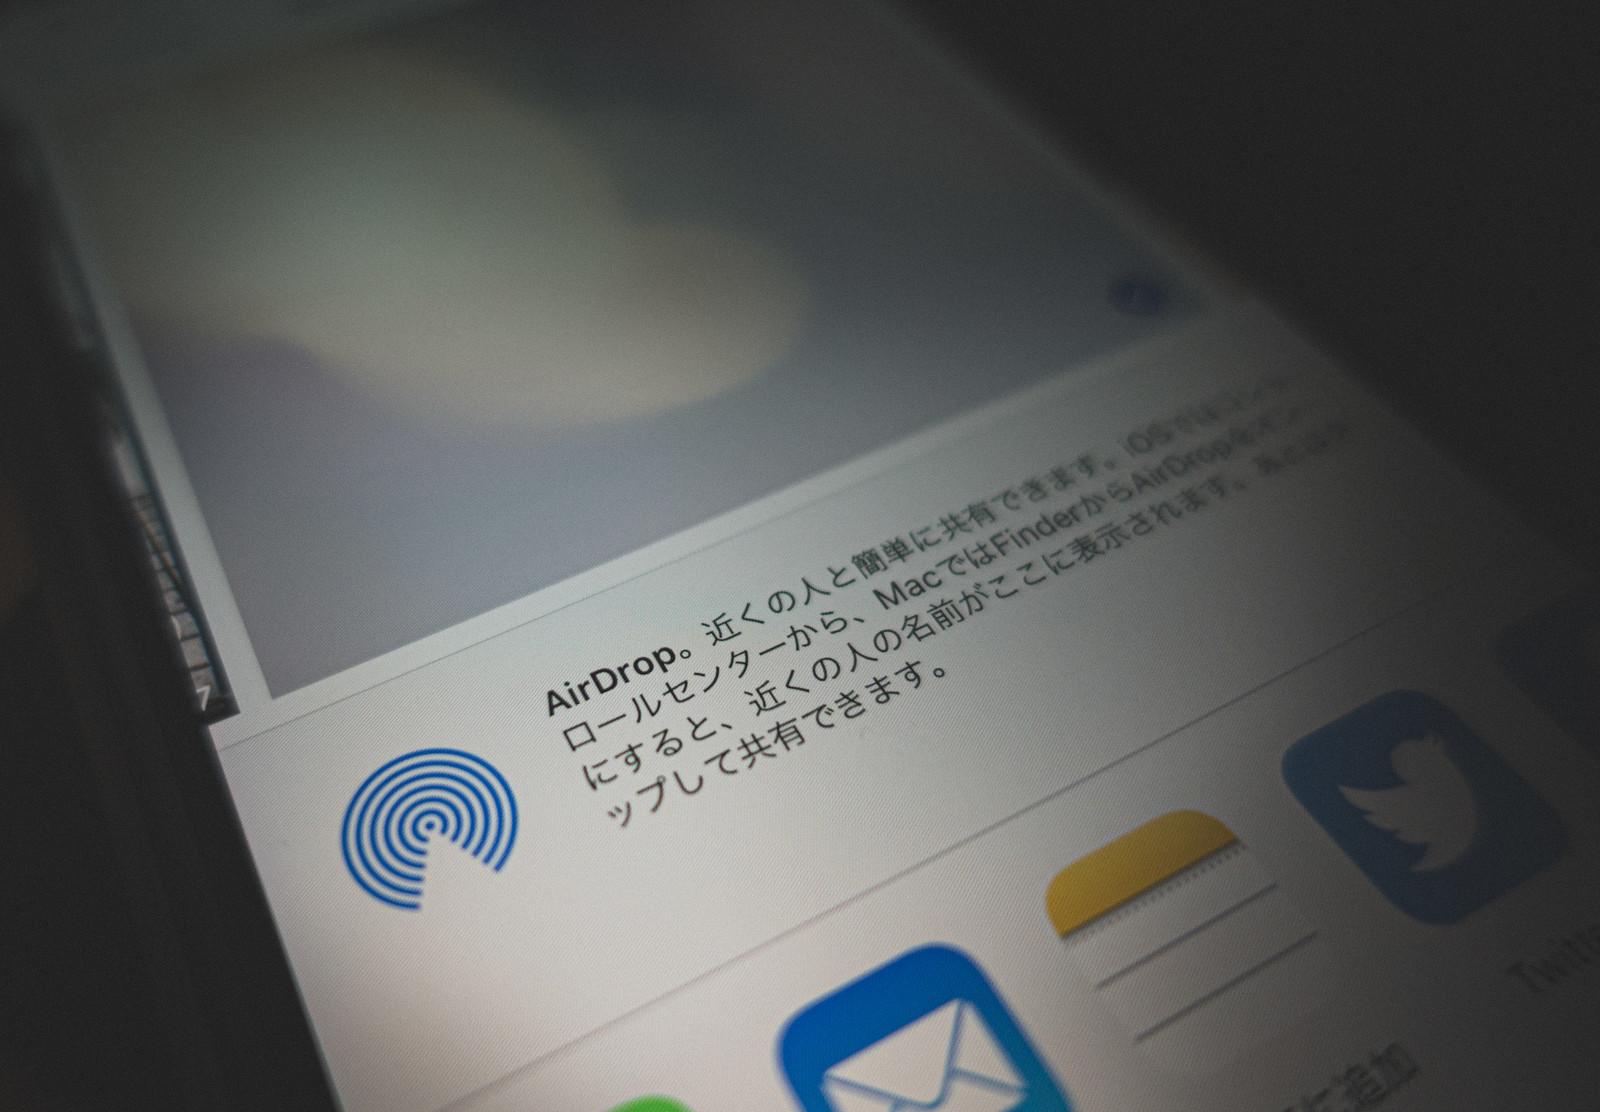 AirDrop。近くの人と簡単に共有できます